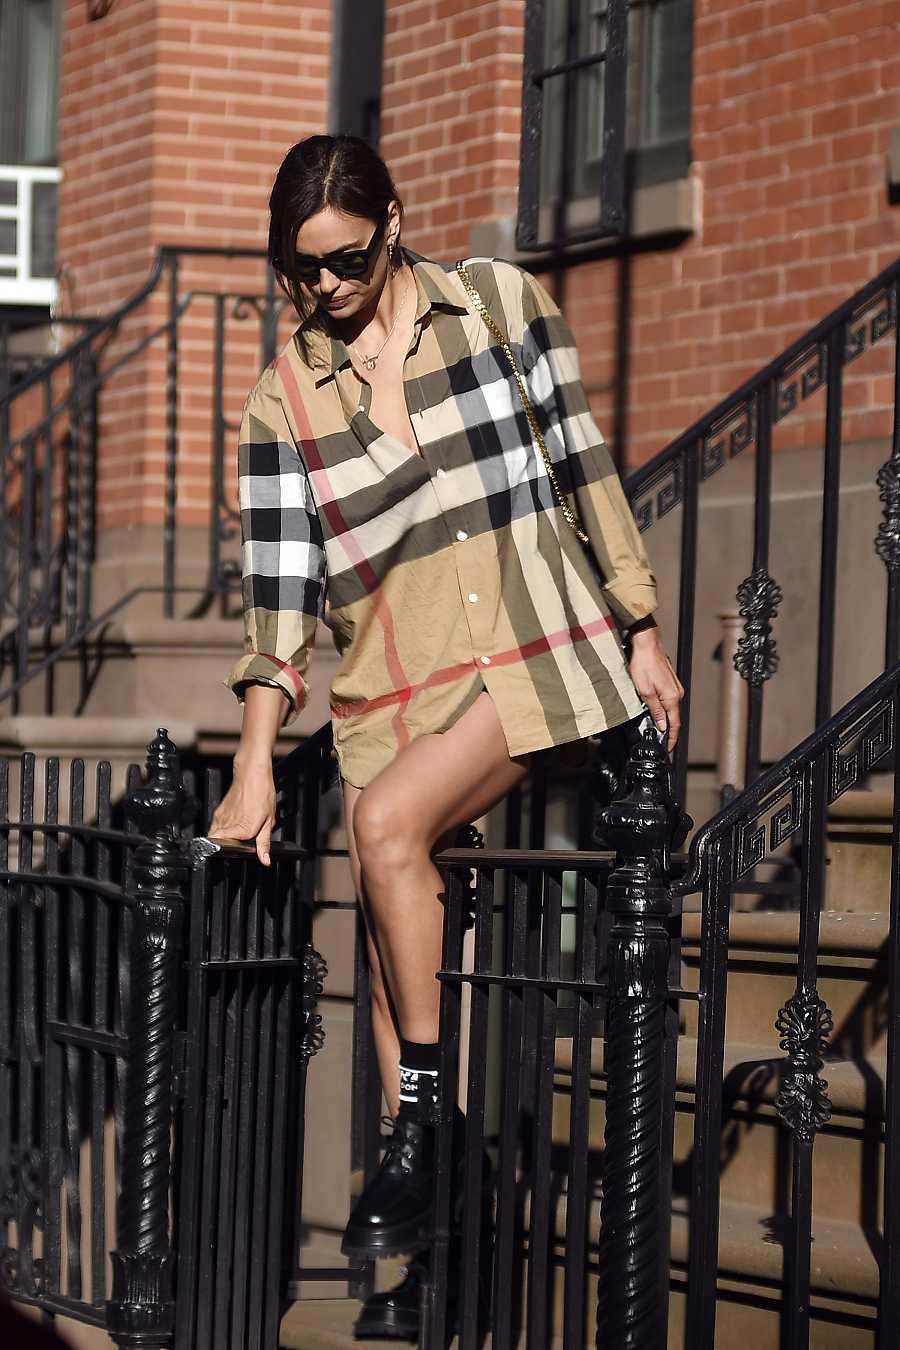 La modelo Irina Shayk, espectacular en un día de diario